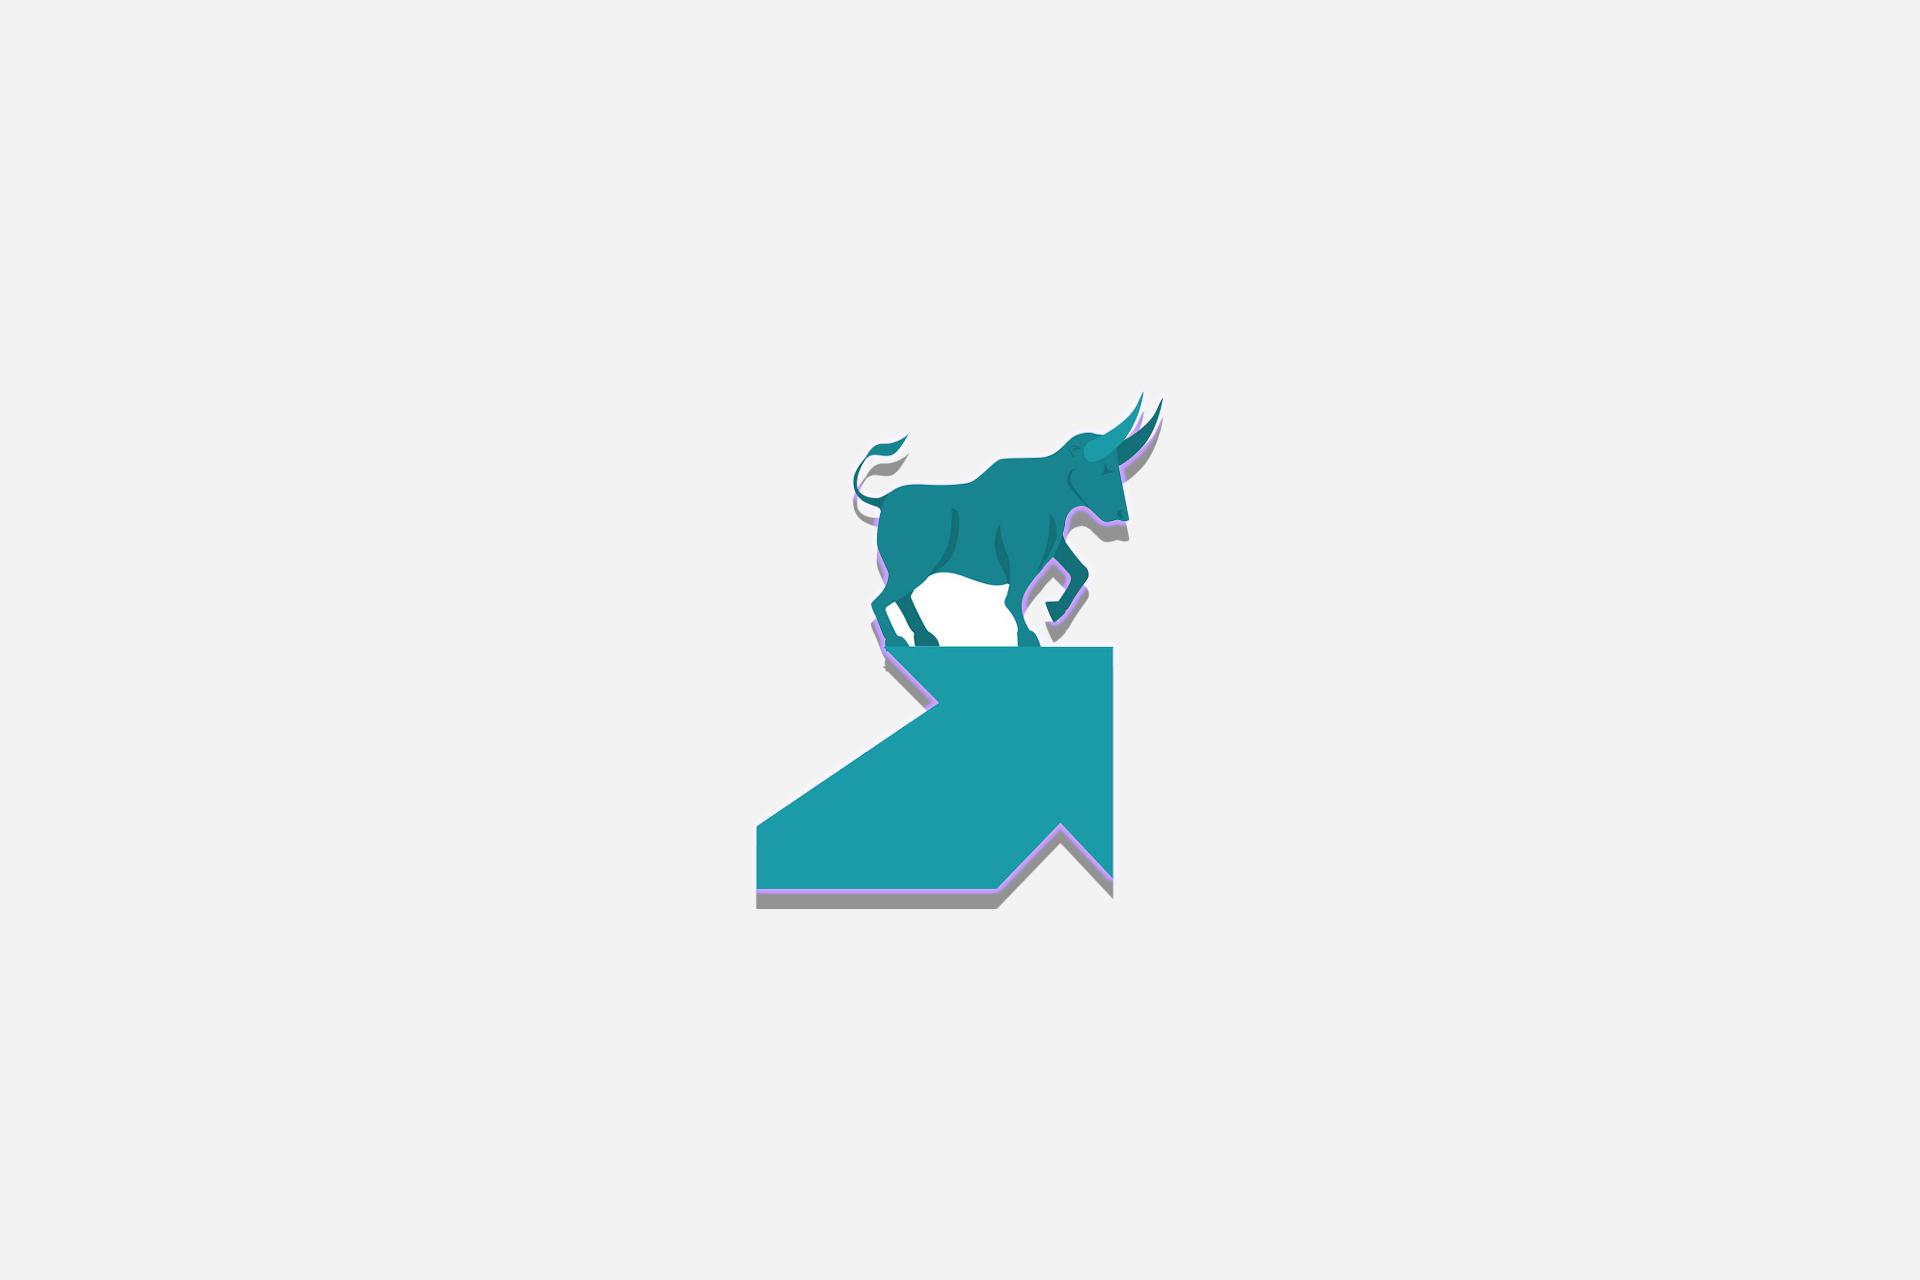 بازار گاوی و بازار خرسی به زبان ساده